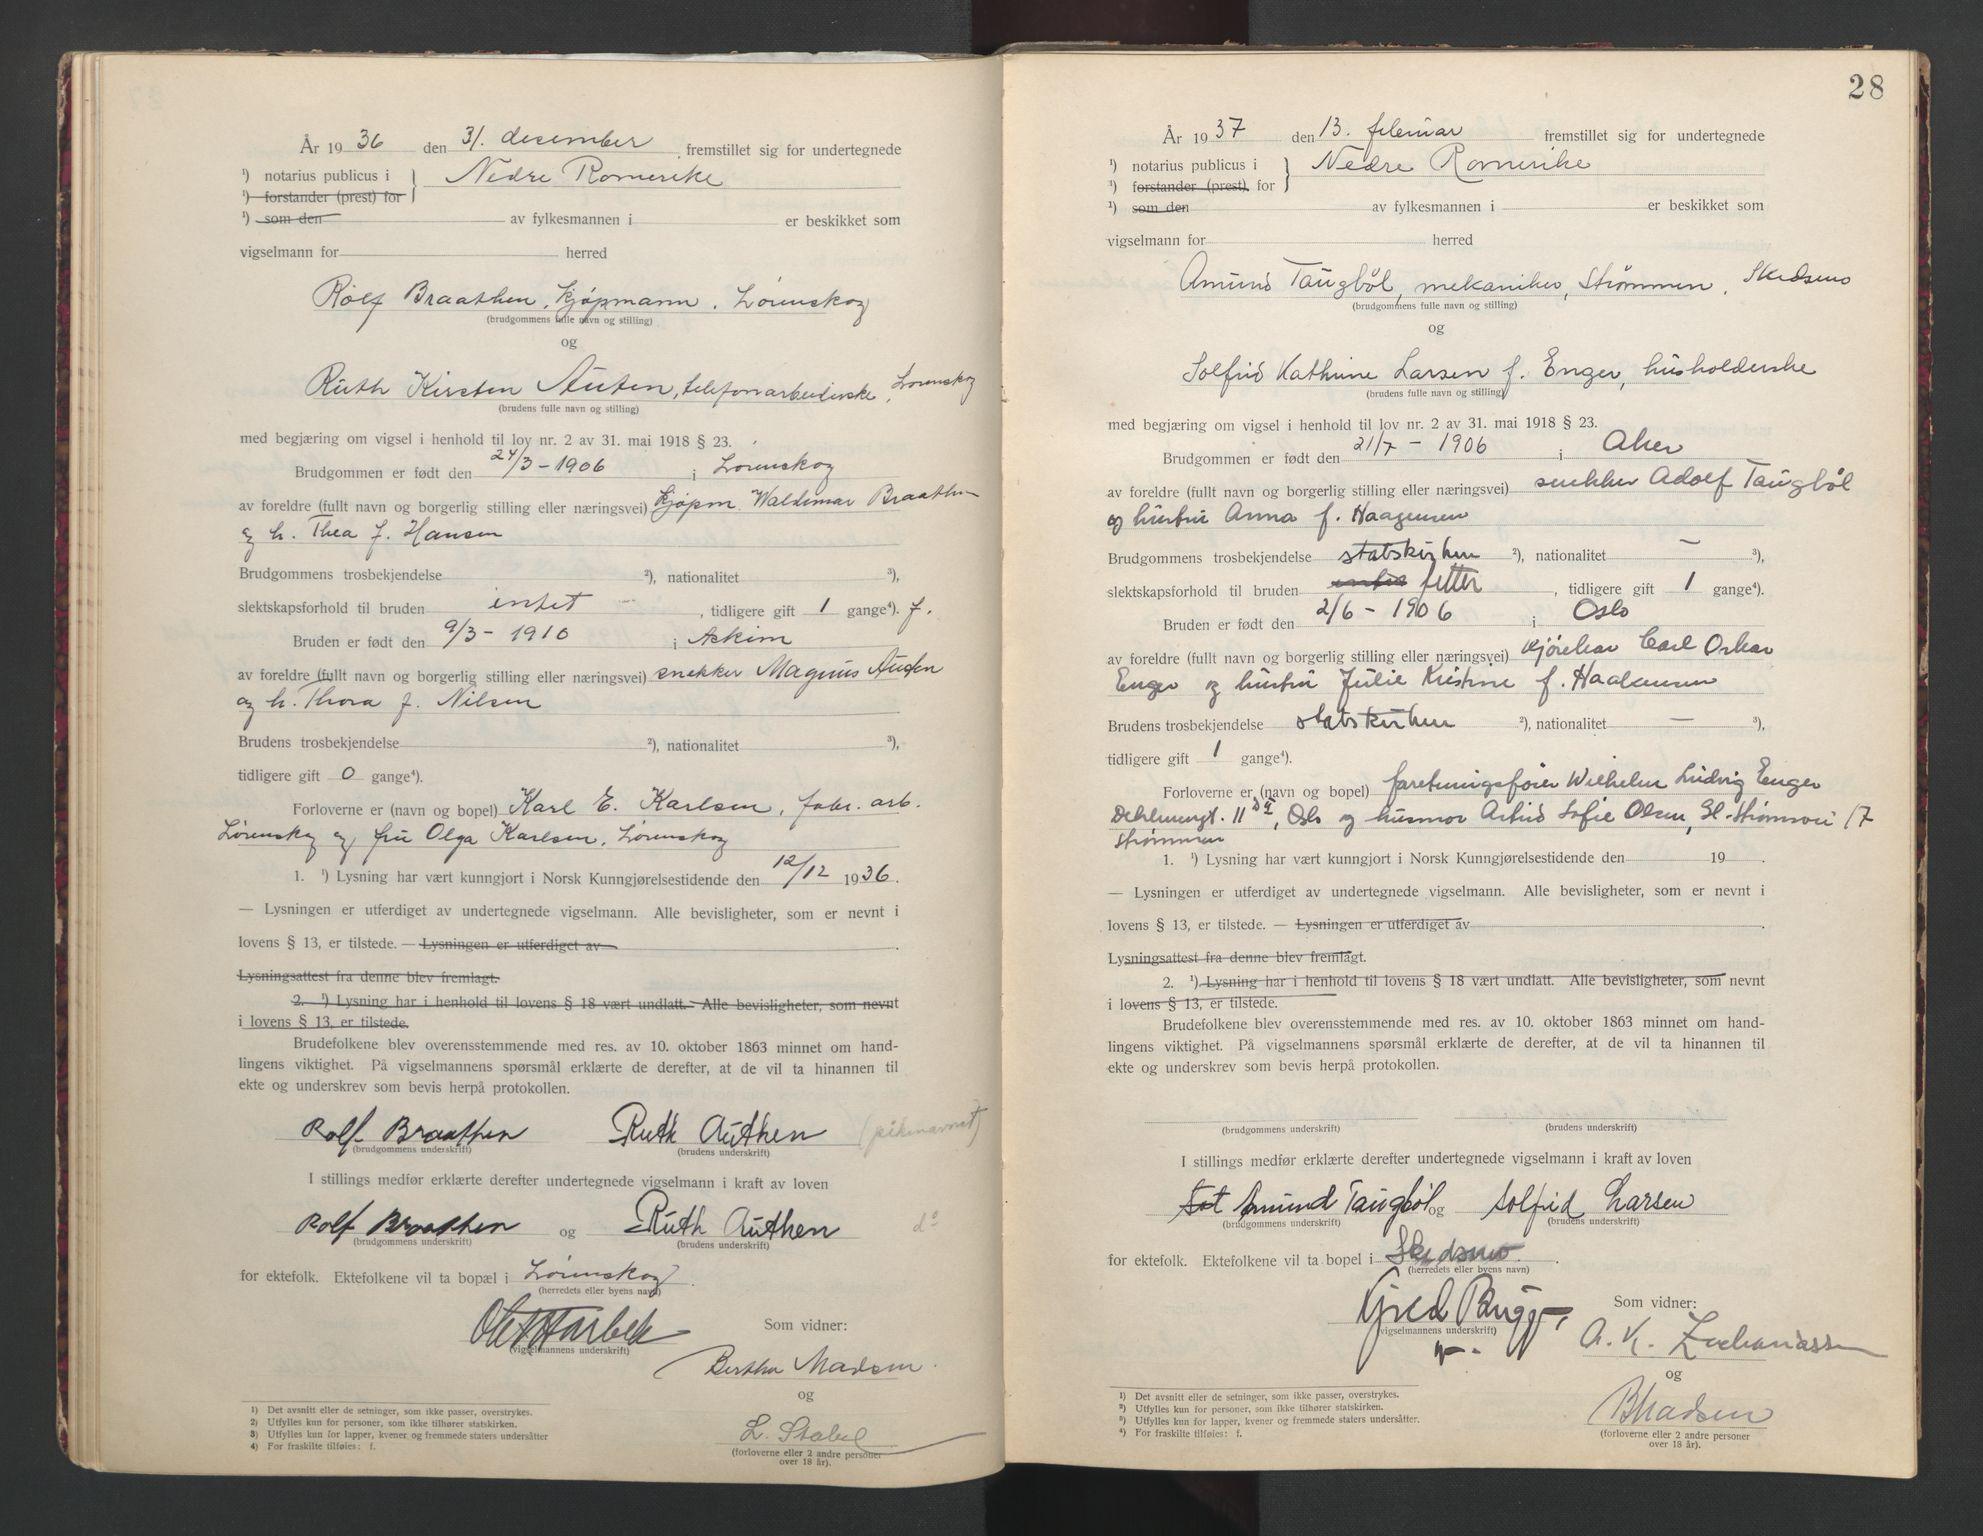 SAO, Nedre Romerike sorenskriveri, L/Lb/L0002: Vigselsbok - borgerlige vielser, 1935-1942, s. 28